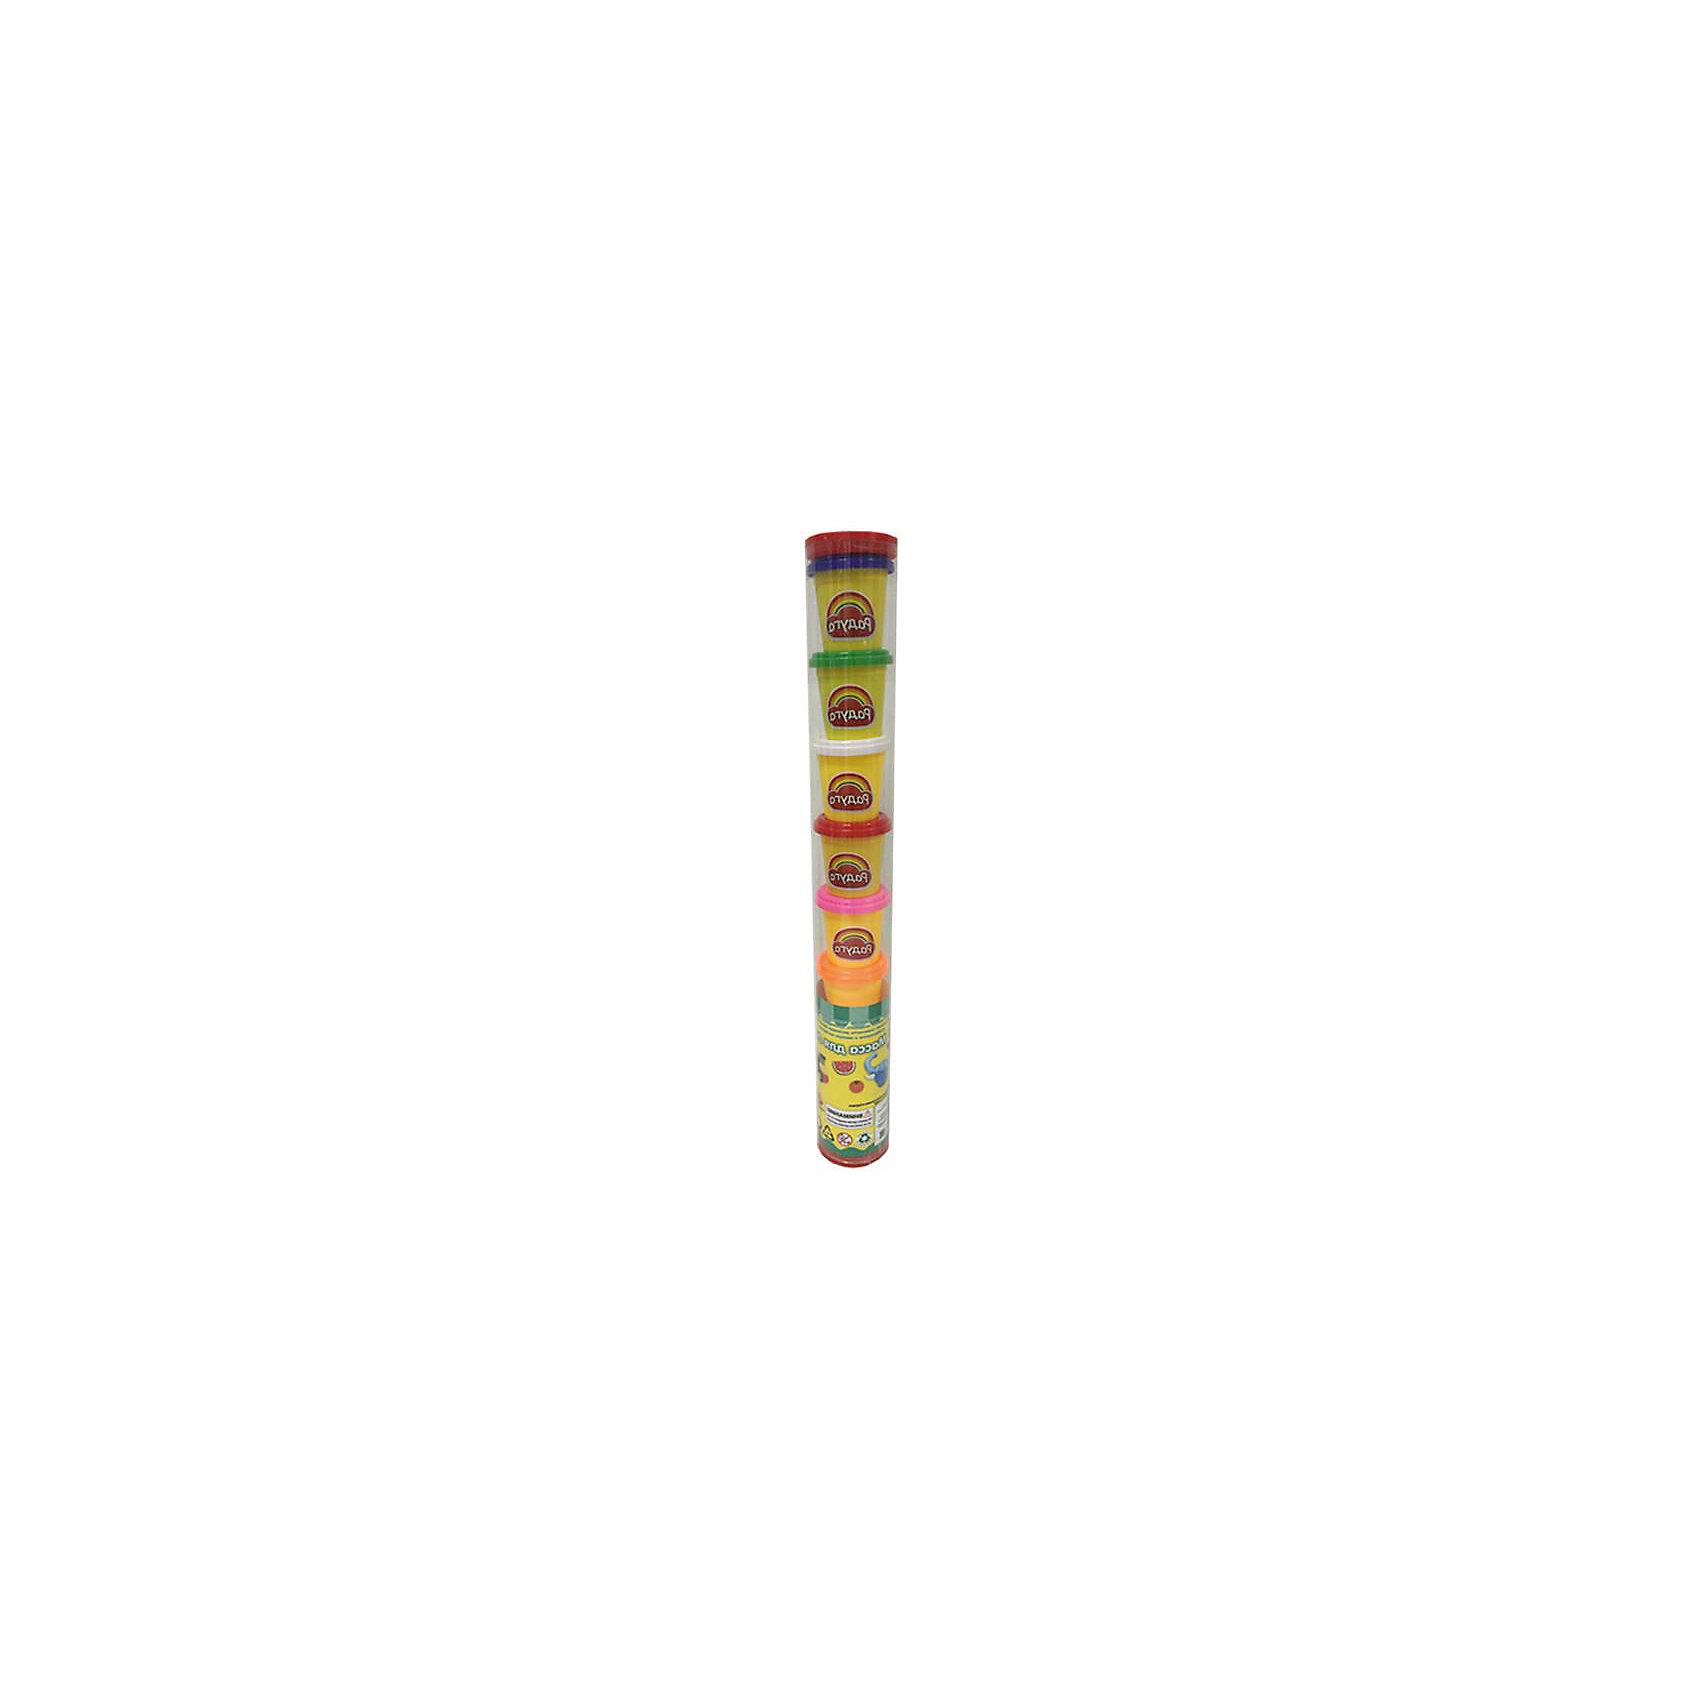 Набор Масса для лепки (8 баночек разных цветов, в тубе)Лепка<br>Масса для лепки, 8 баночек в тубе, Радуга<br><br>Характеристика:<br><br>-В набор входит:<br>-8 разноцветных баночек с массой для лепки<br>-Состав: пластилин, пластмасса <br>-Возраст: от 3 лет<br>-Производитель: MERX Limited<br><br>Благодаря мягкой текстуре массы для лепки, ребёнку будет не трудно создавать разные фигурки. Лепка влияет на развитие моторики рук, воображения и фантазии.  Вместе с массой для лепки ваш ребёнок испытает много положительных эмоций, не ограничивая свою фантазию и воображение <br><br>Масса для лепки, 8 баночек в тубе, Радуга можно приобрести в нашем интернет-магазине.<br><br>Ширина мм: 480<br>Глубина мм: 50<br>Высота мм: 50<br>Вес г: 531<br>Возраст от месяцев: 36<br>Возраст до месяцев: 144<br>Пол: Унисекс<br>Возраст: Детский<br>SKU: 5078263